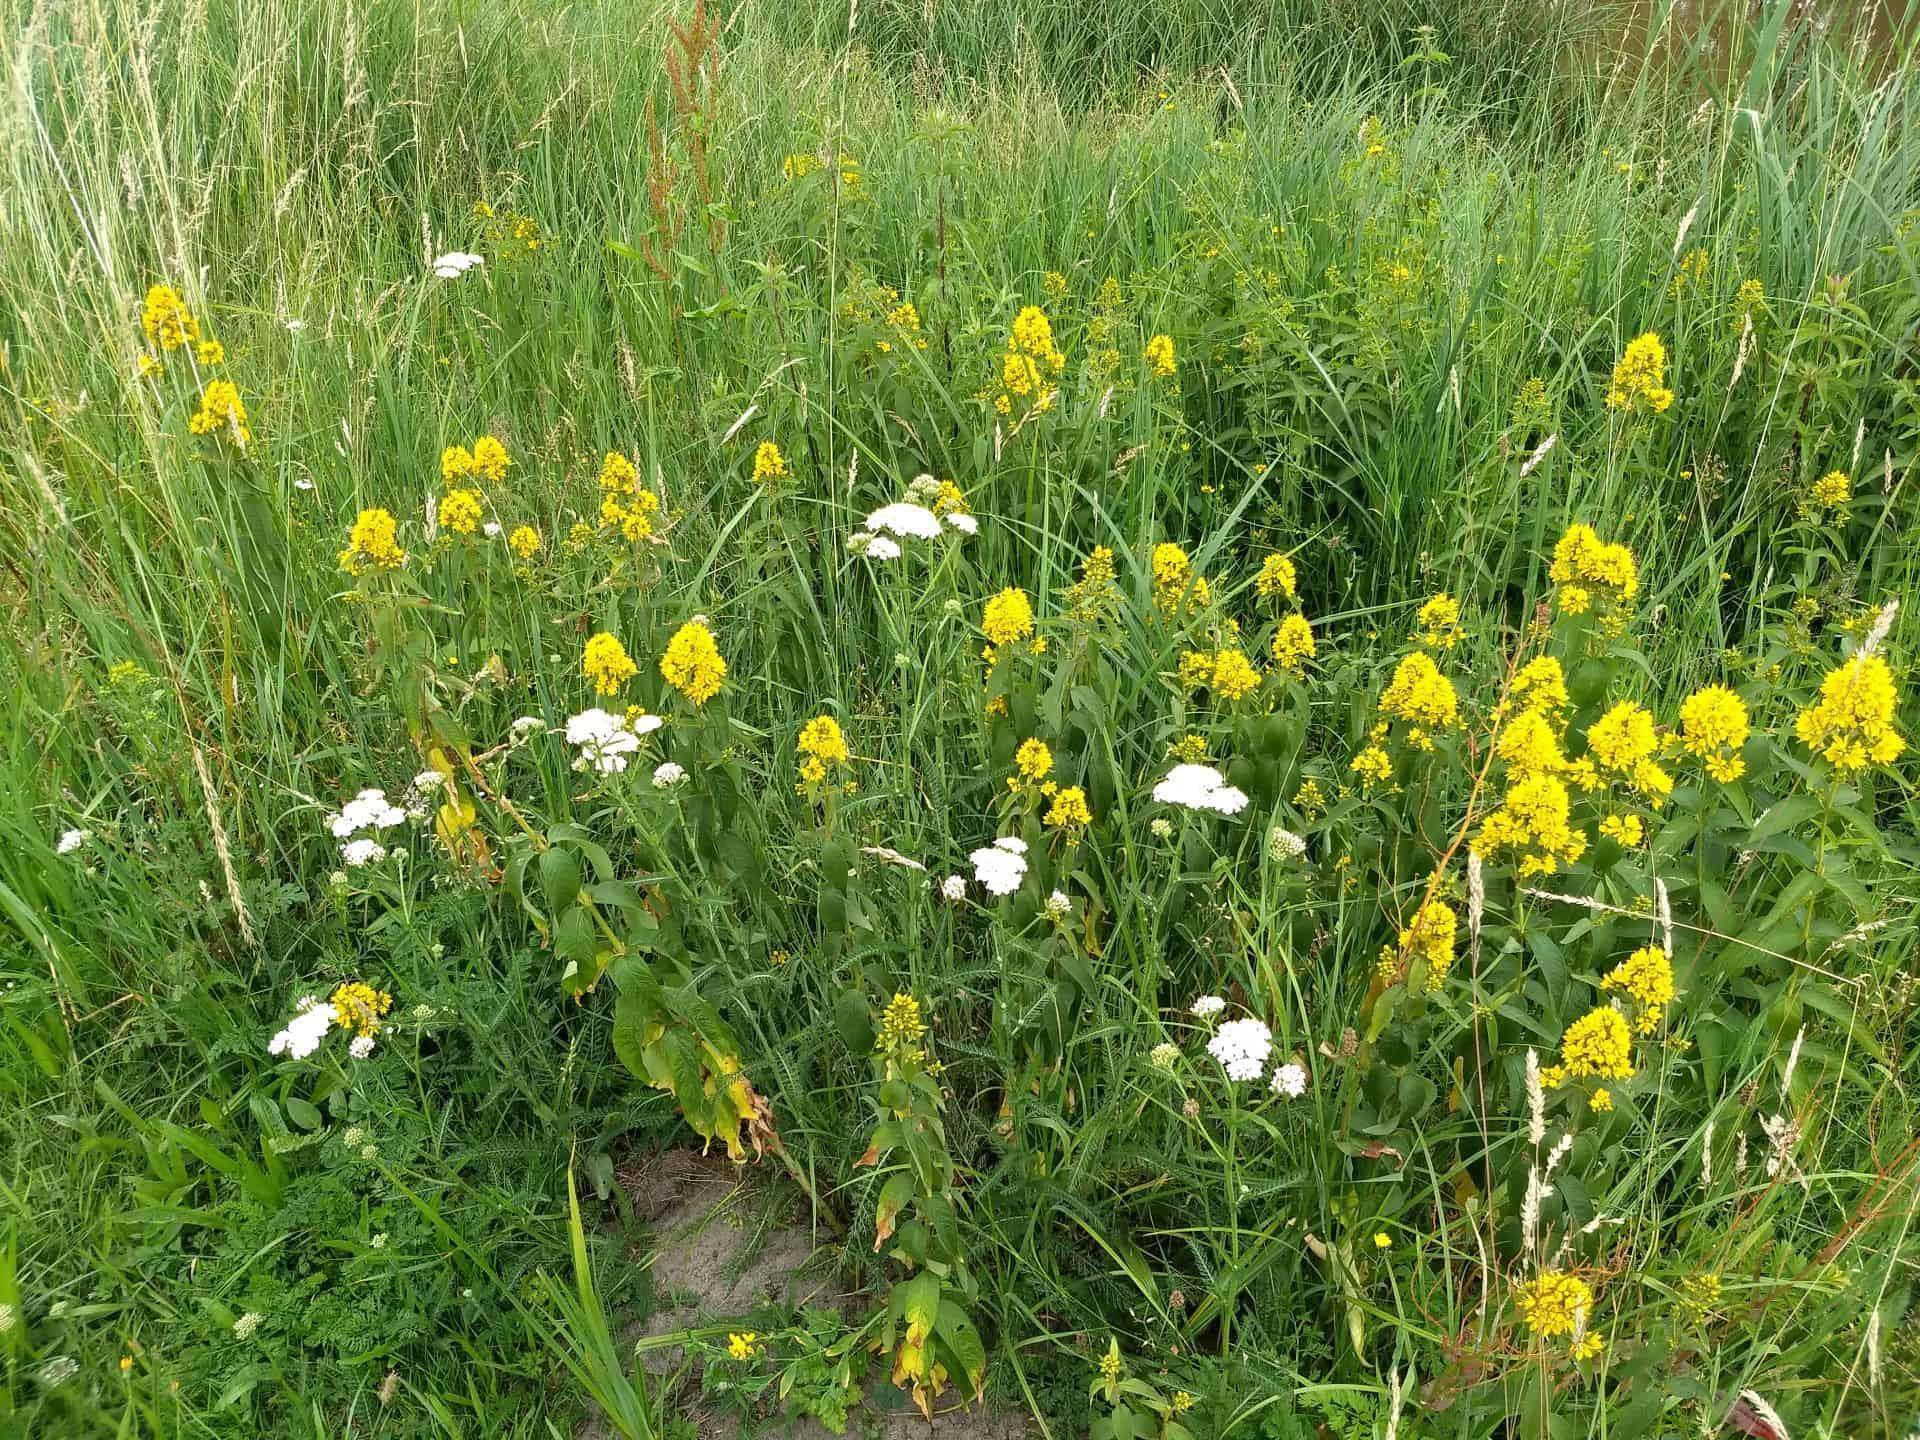 Bloemrijk gras